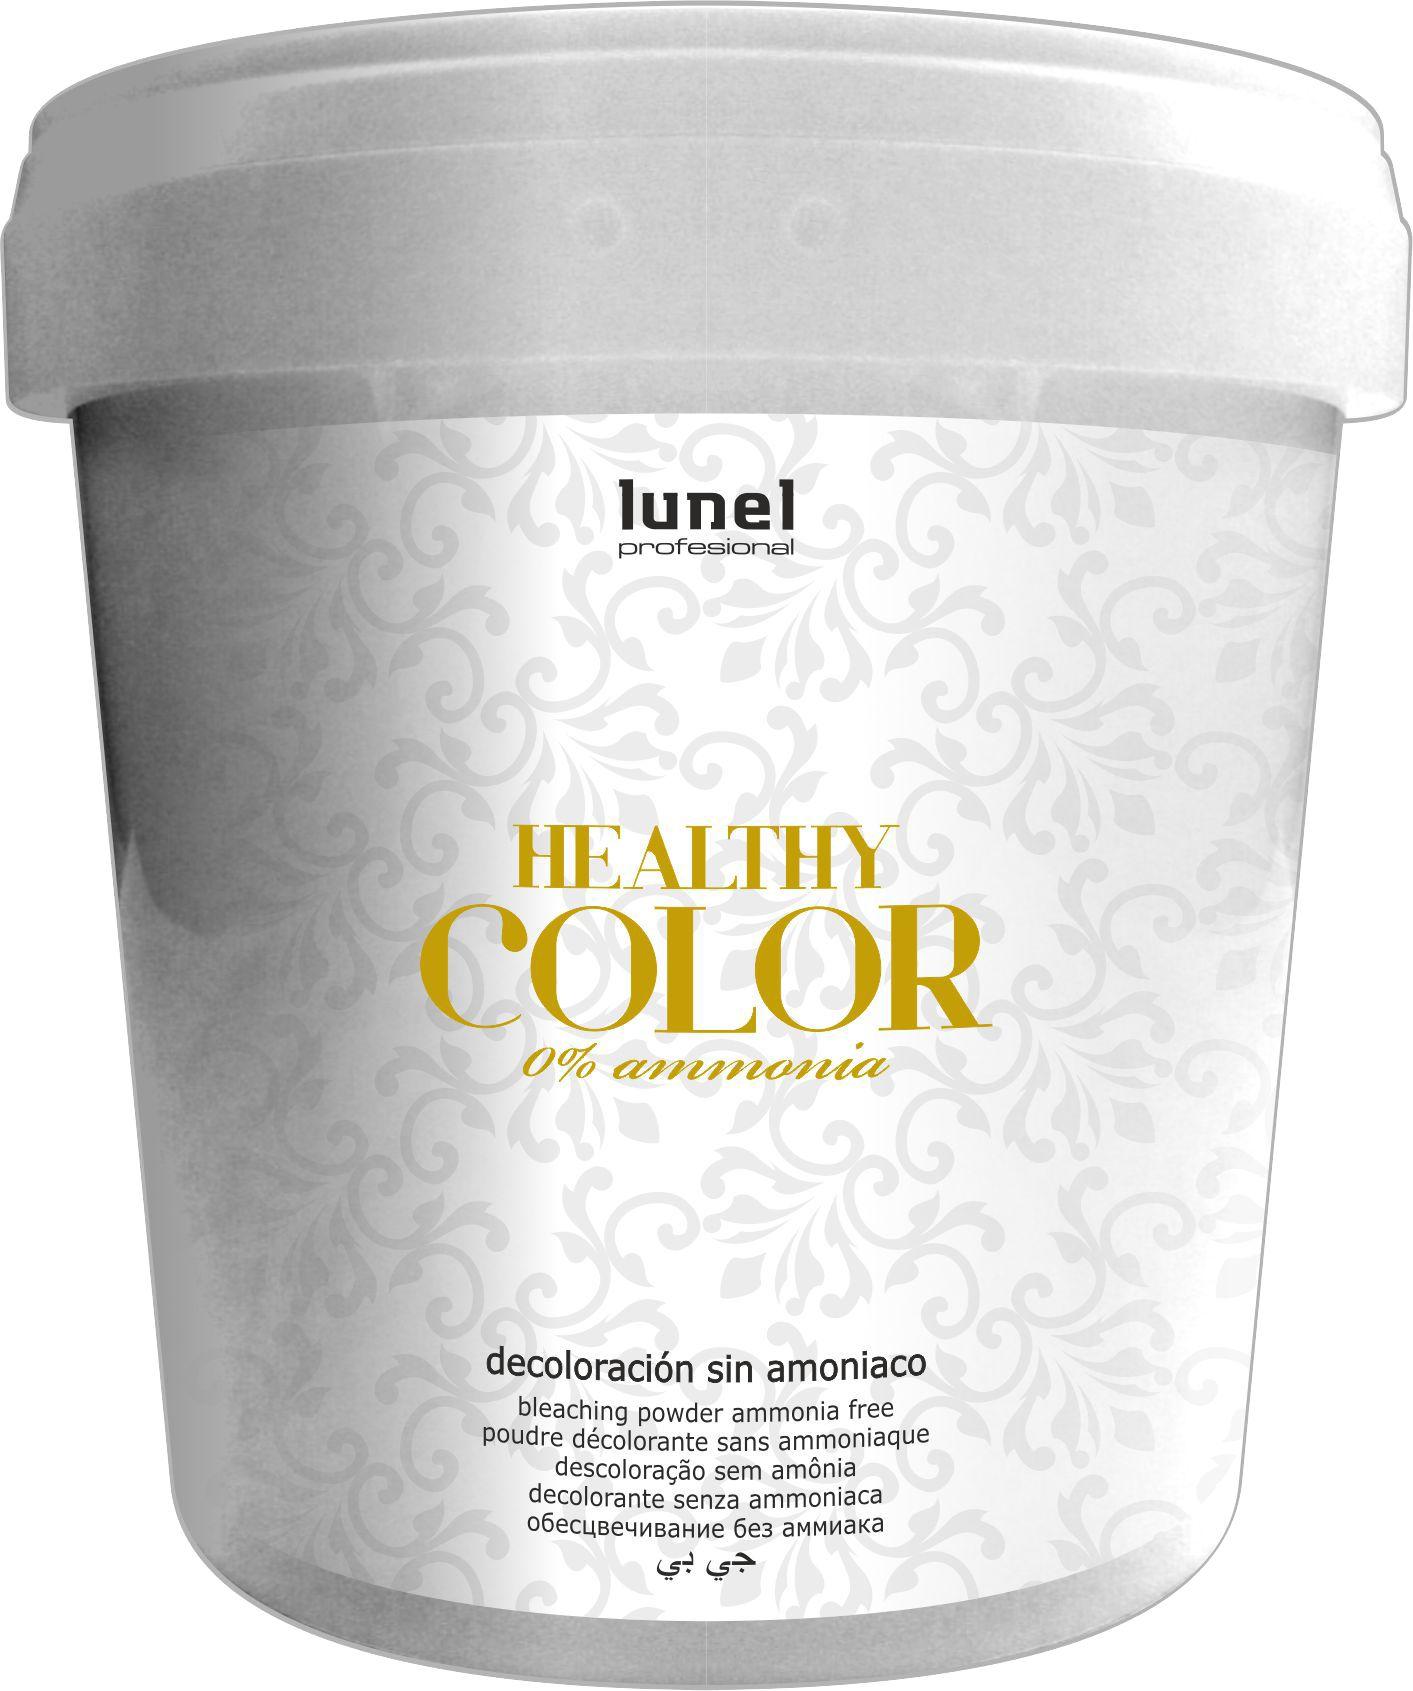 Decoloracion Healthy color sin amoniaco.